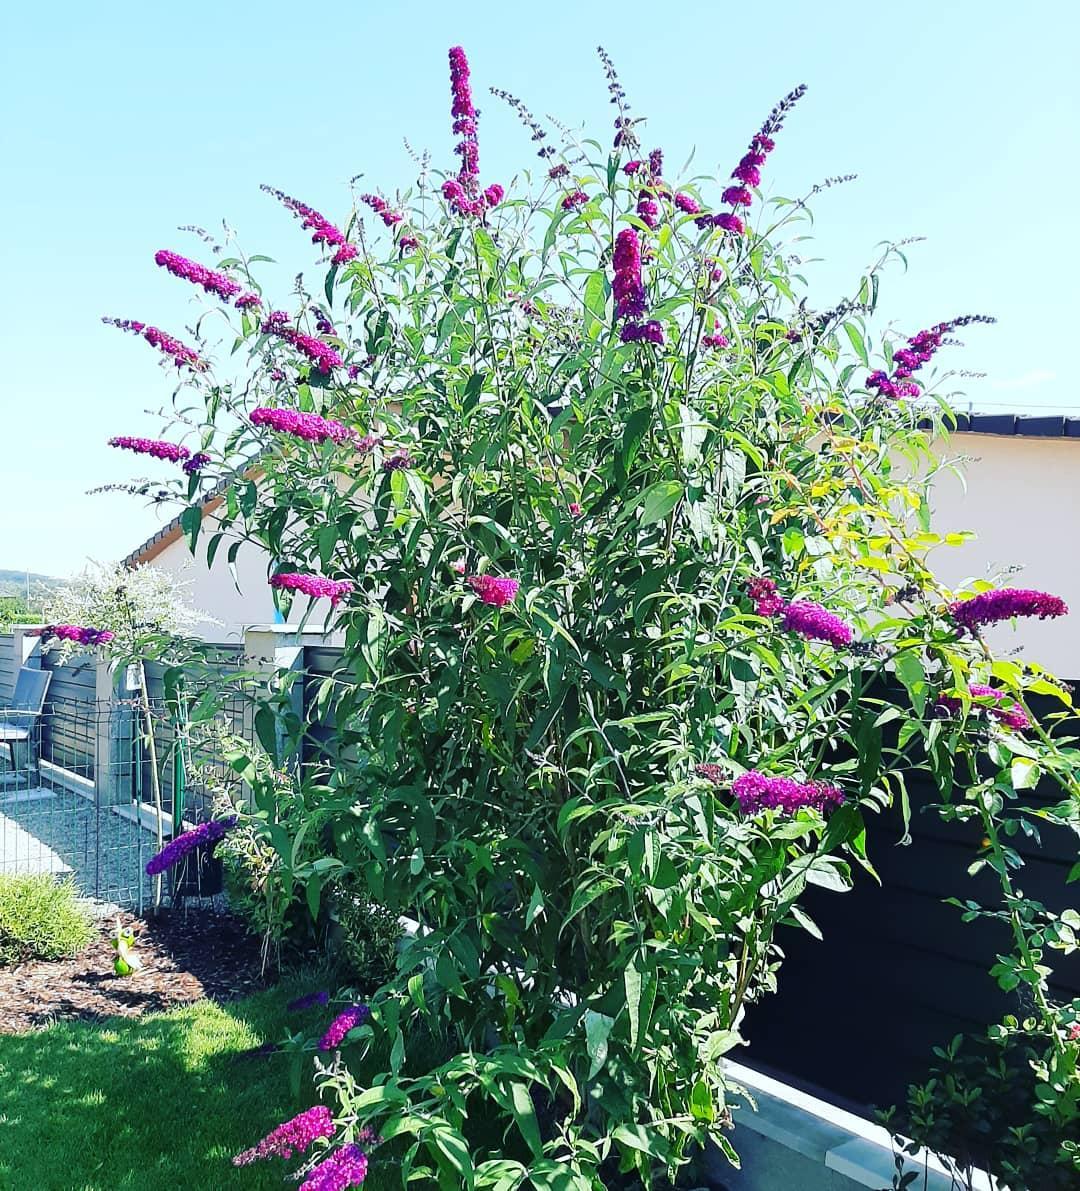 Záhradka 2019/20 bývame 4 a 5 rok :-) - Obrázok č. 491